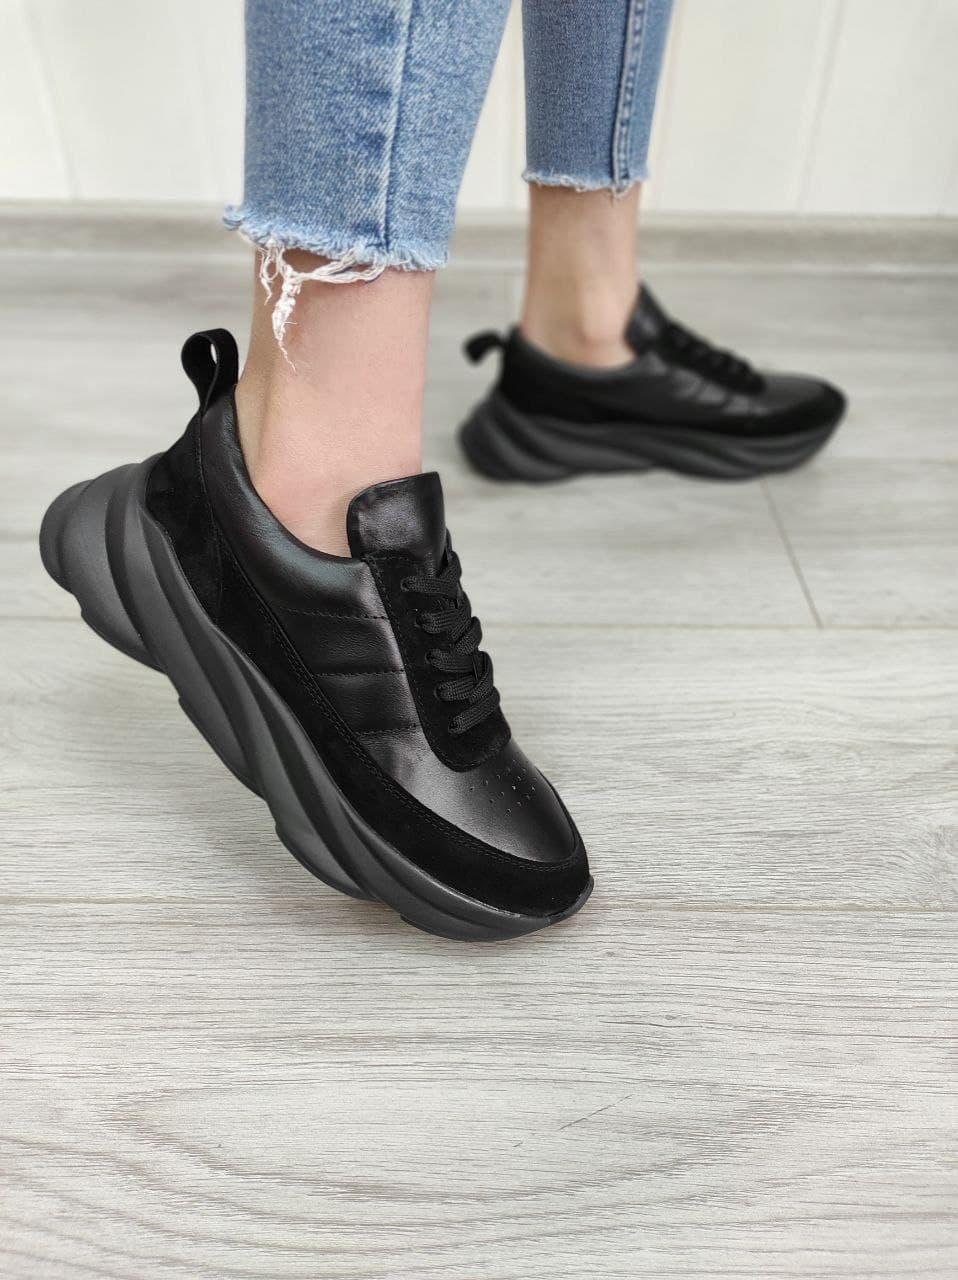 Жіночі кросівки об'єднані чорного кольору